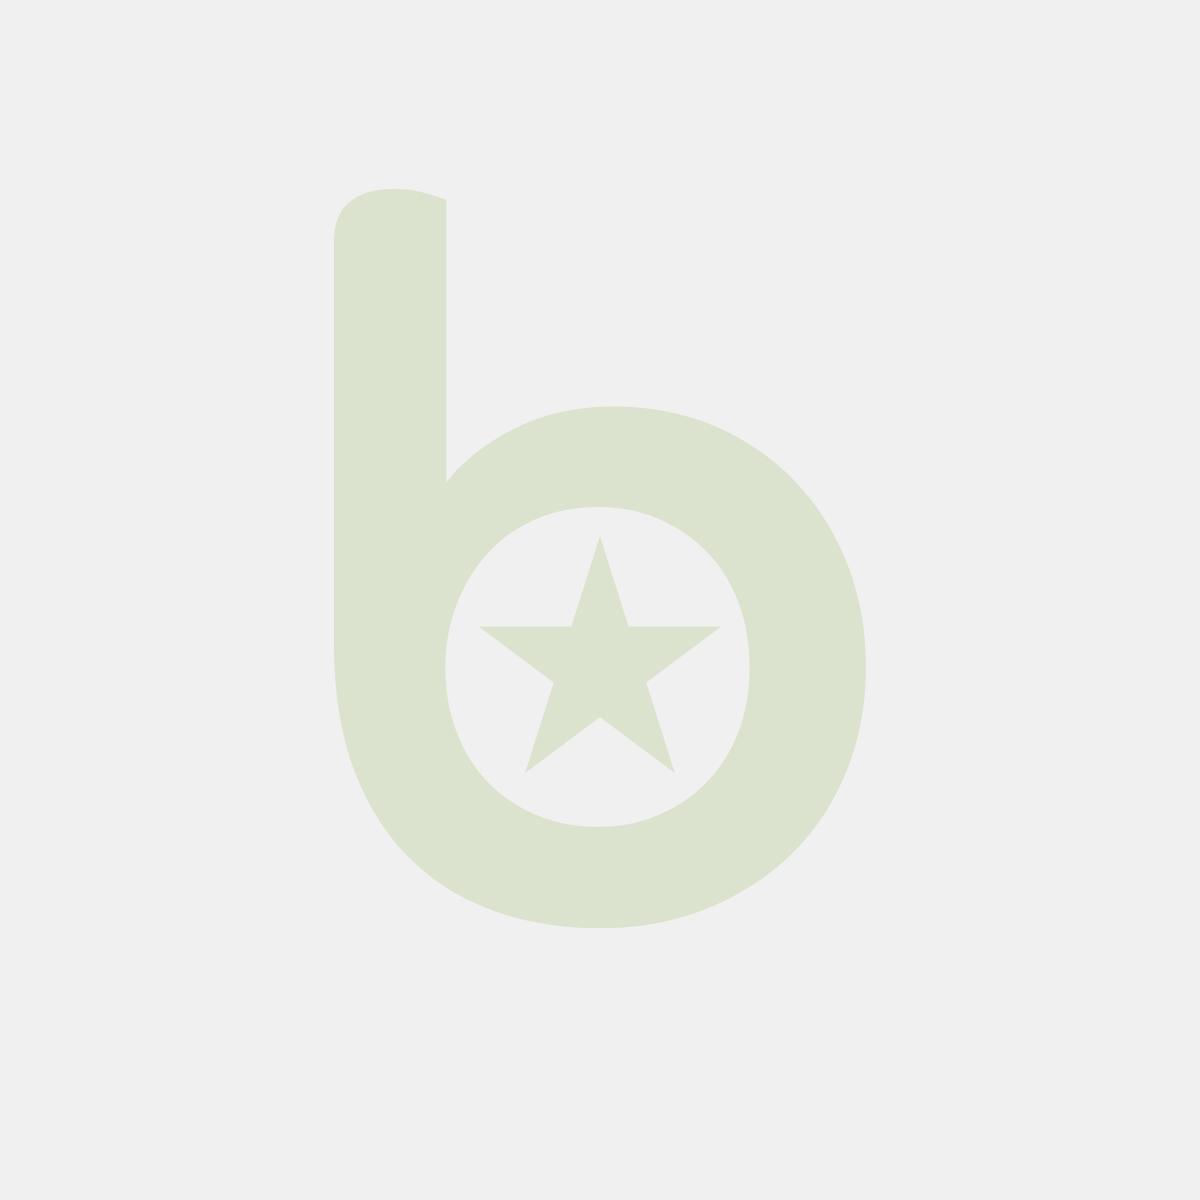 Serwetki ciemno zielone 2-warstwowe, składane 1/8, 33 cm x 33 cm, opakowanie 80 sztuk